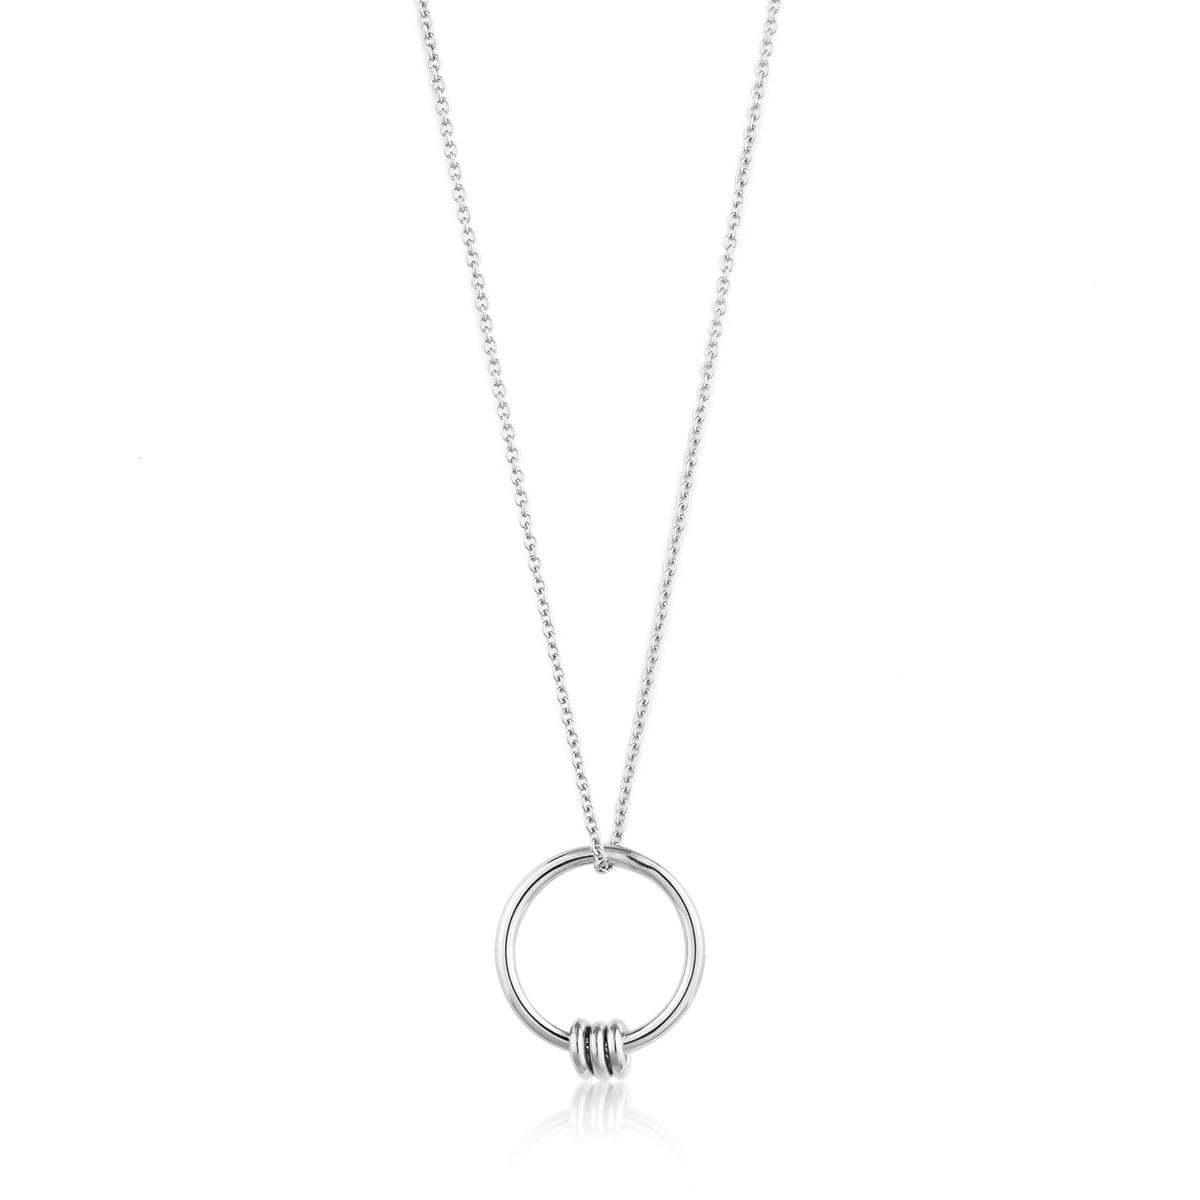 collier femme 3 anneaux